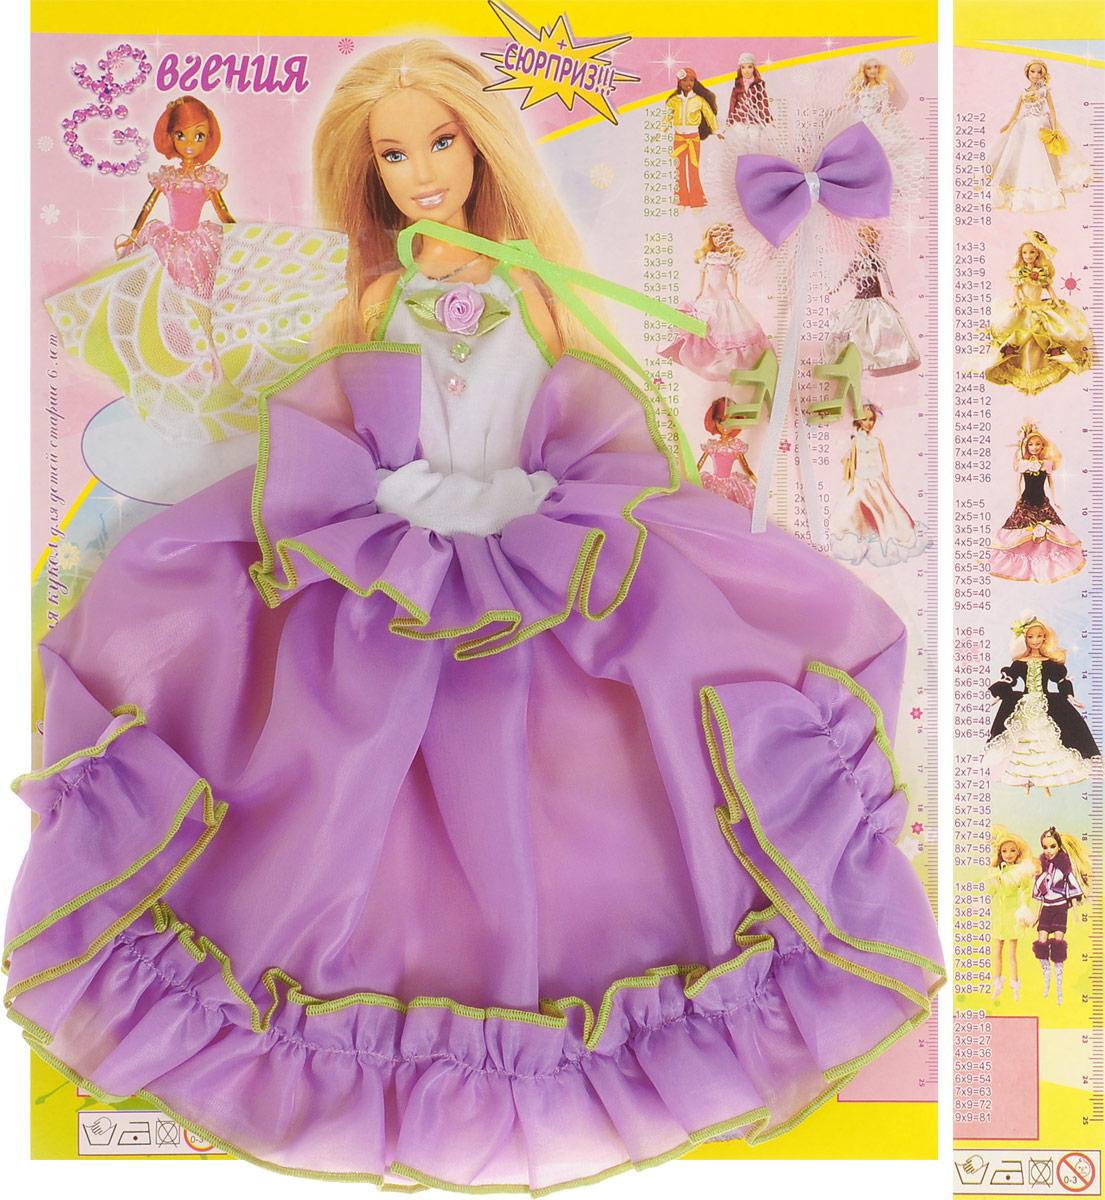 Евгения-Брест Одежда для кукол Платье цвет сиреневый белый салатовый 0075_сиреневый